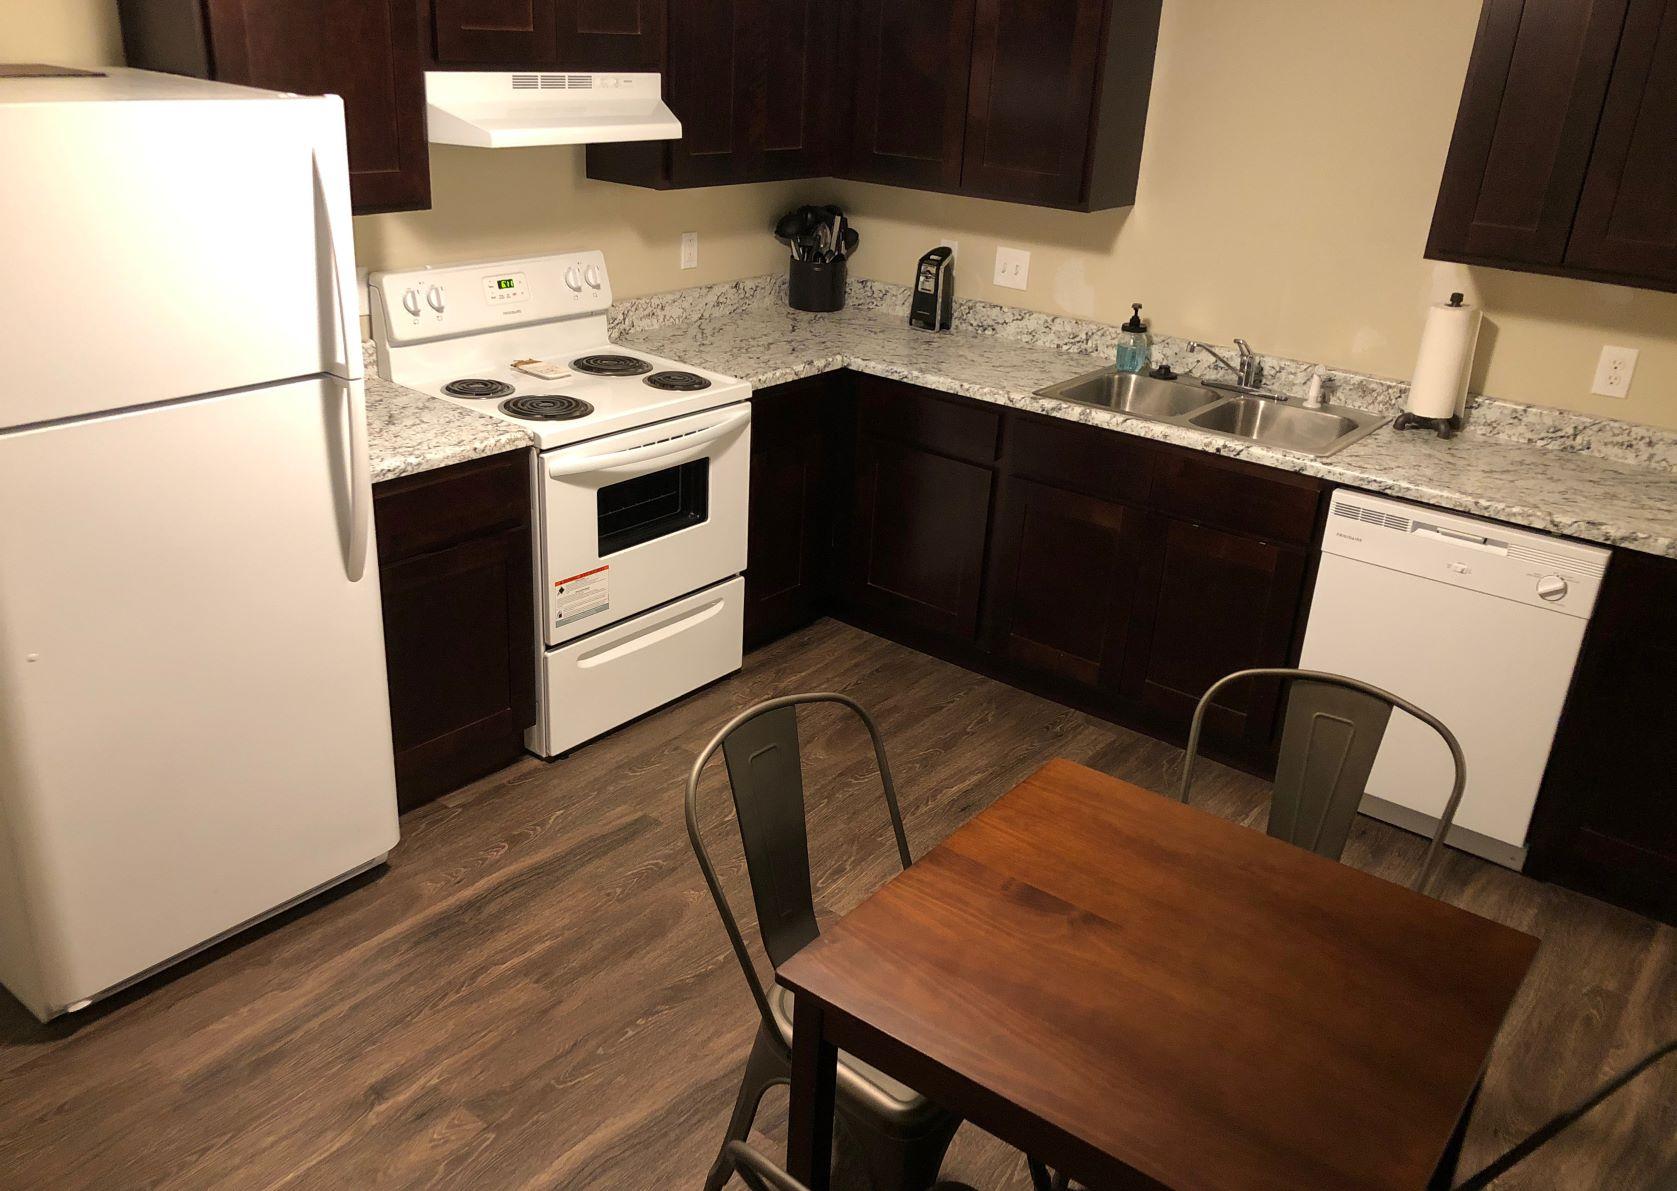 Applecrest Village Apartments Kitchen